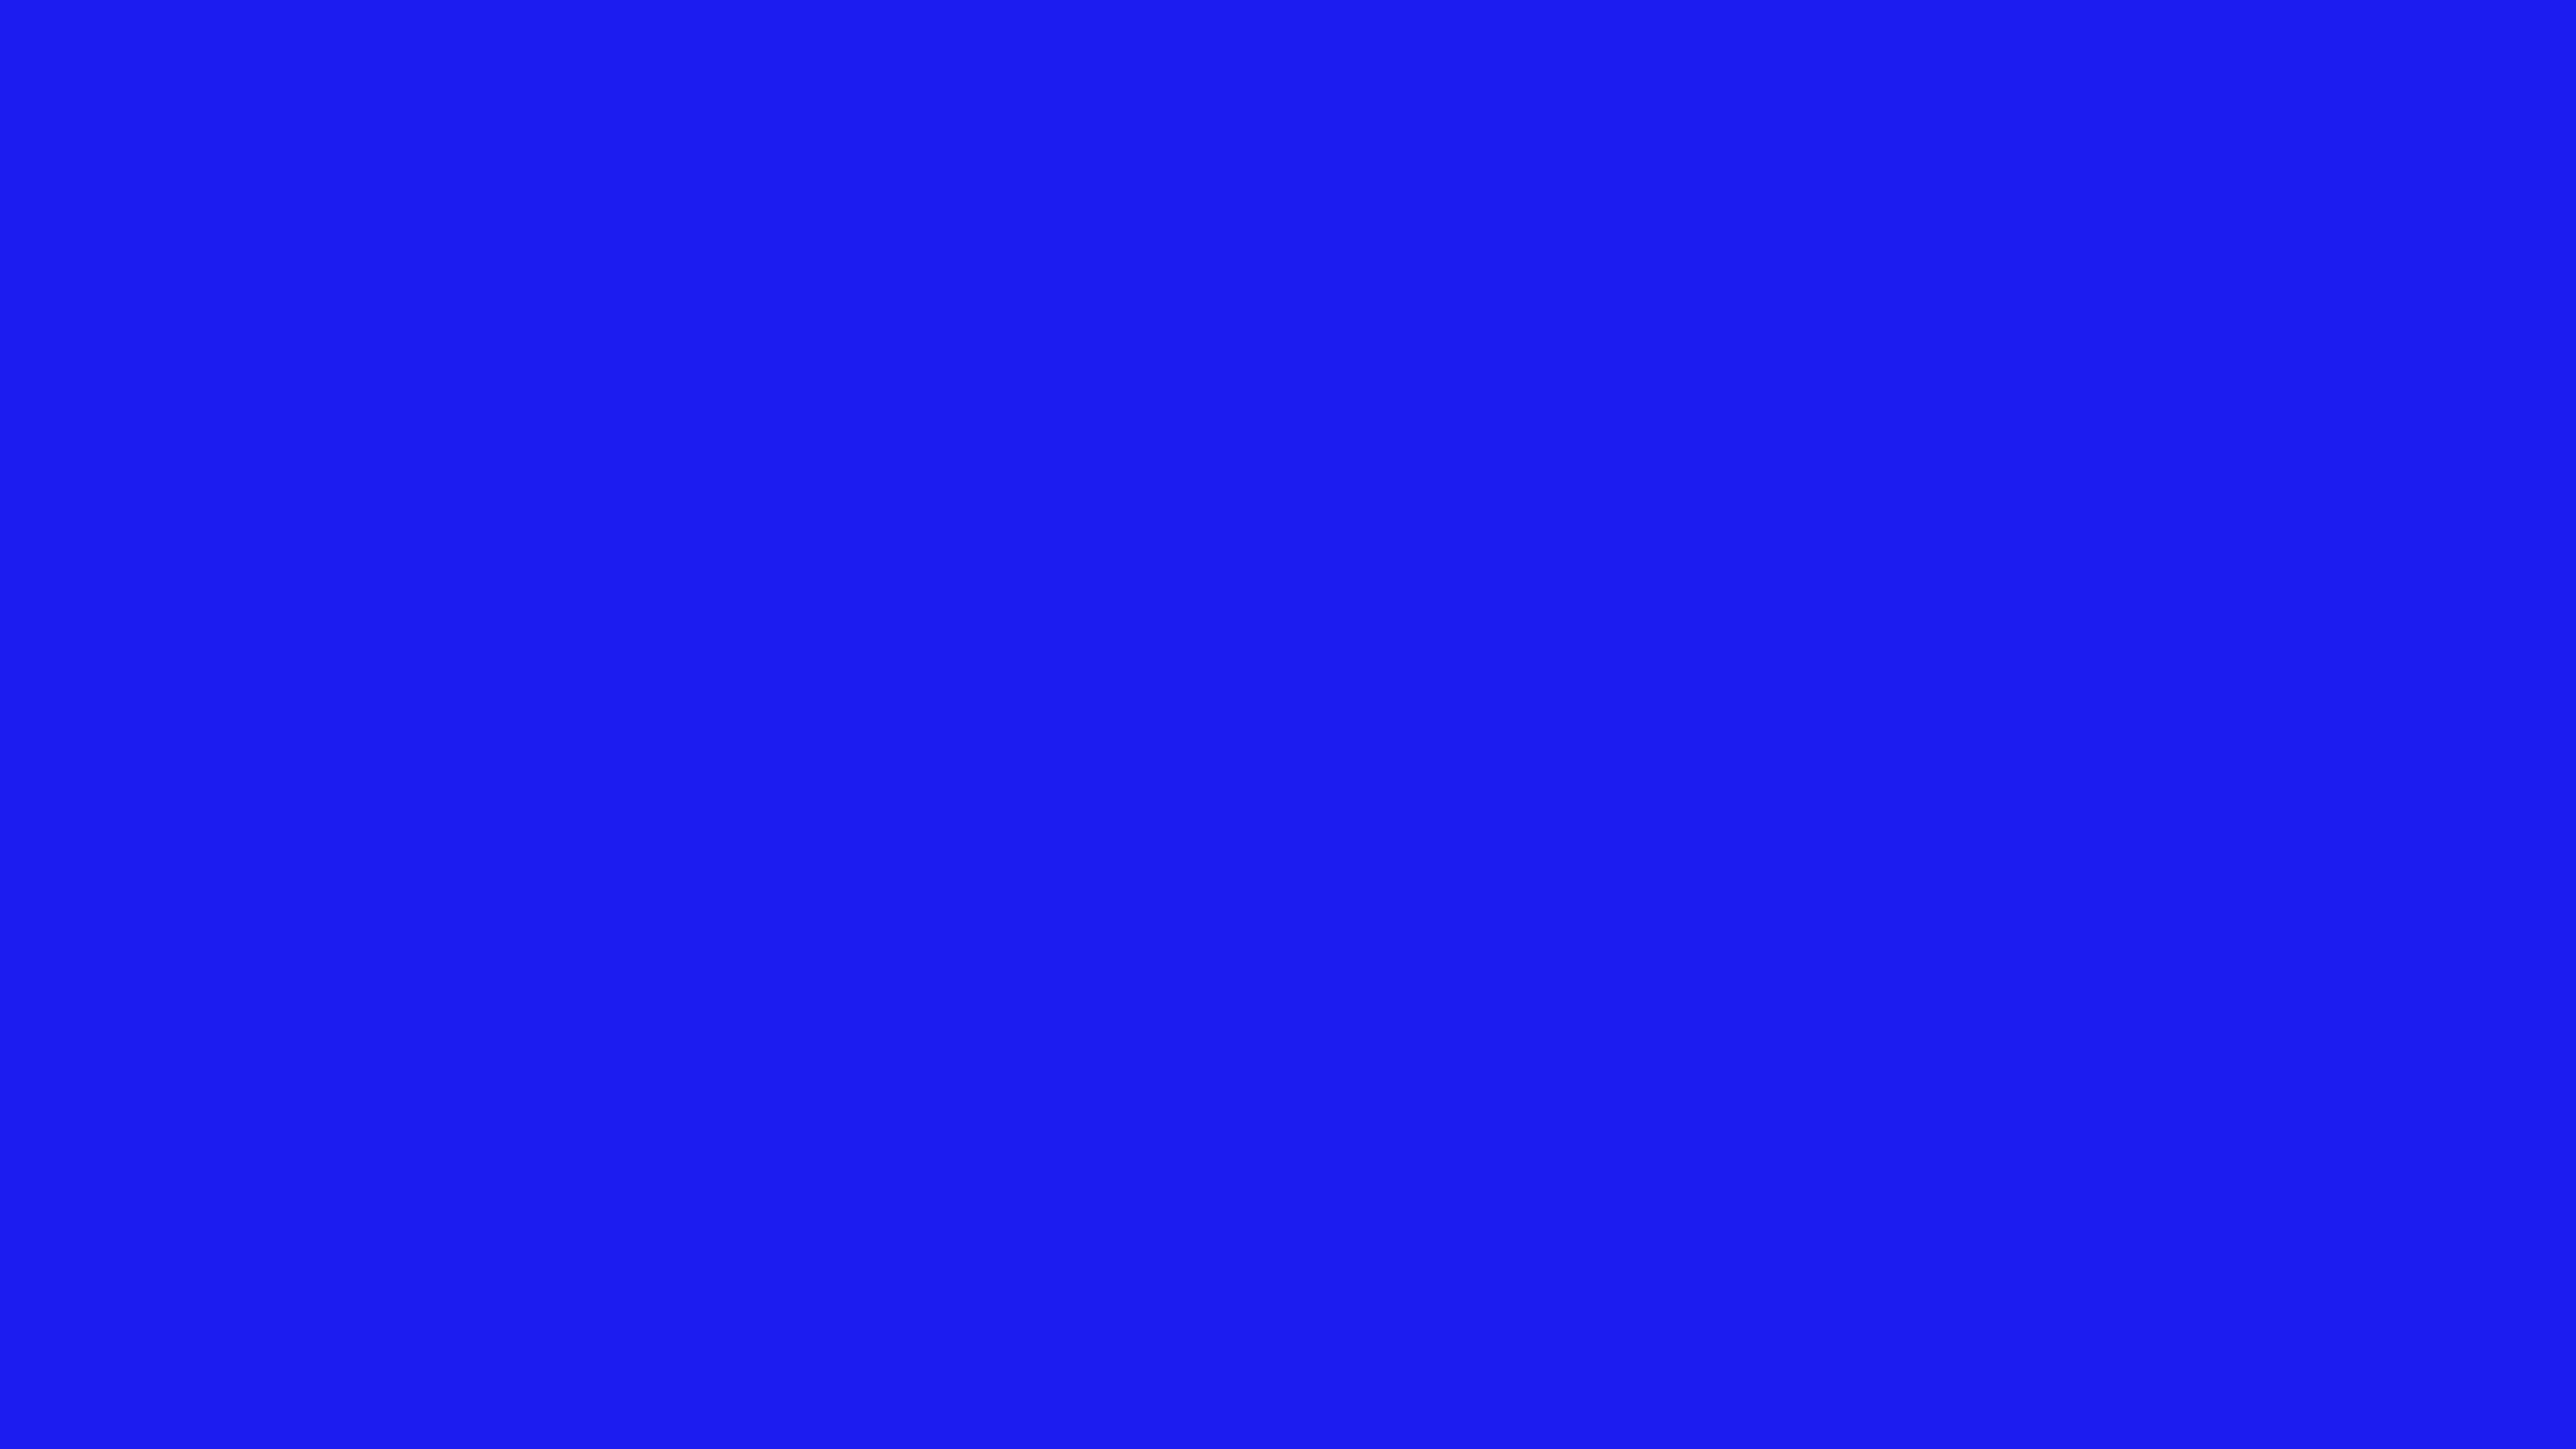 5120x2880 Bluebonnet Solid Color Background